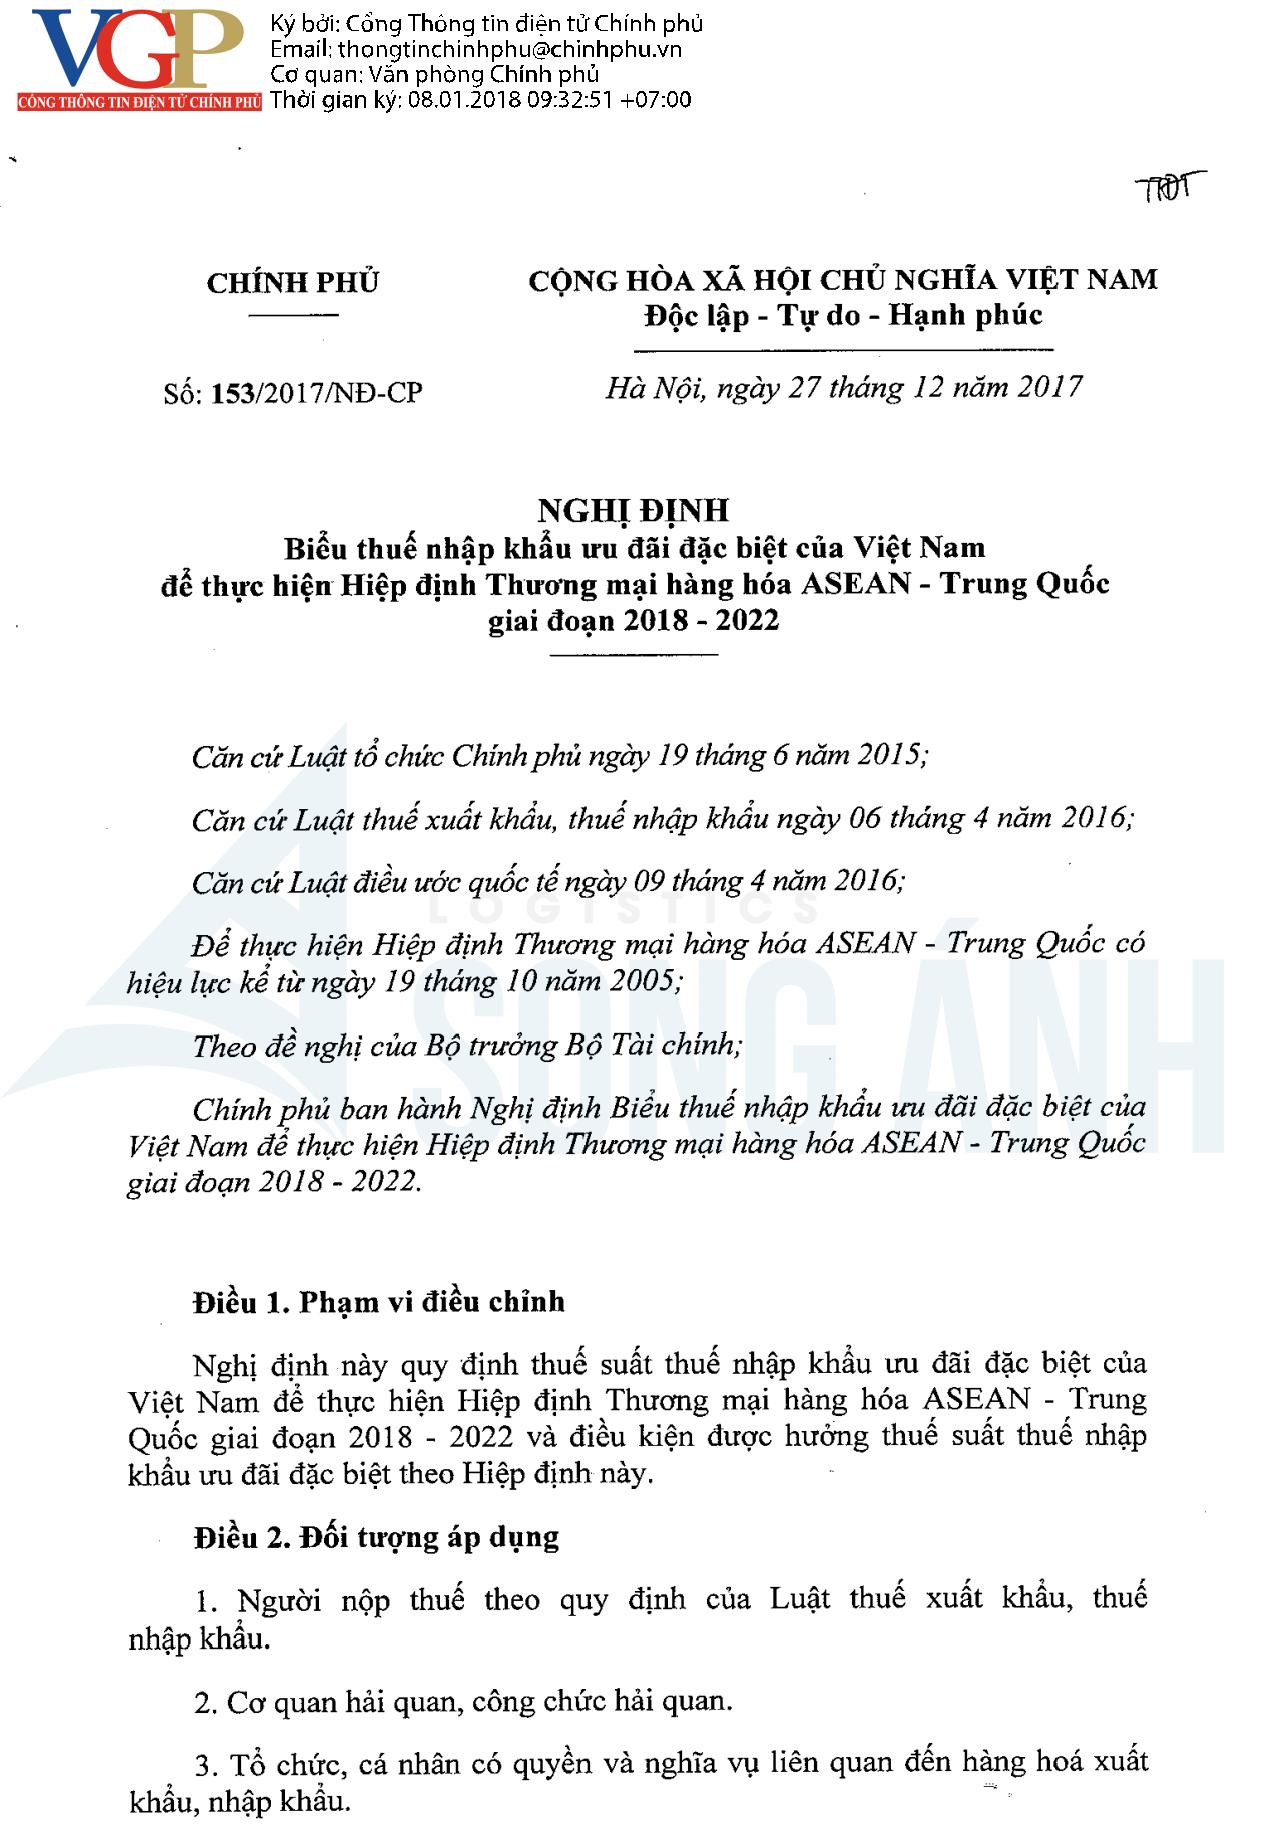 Thuế nhập khẩu ưu đãi ASEAN - Trung Quốc, CO Form E